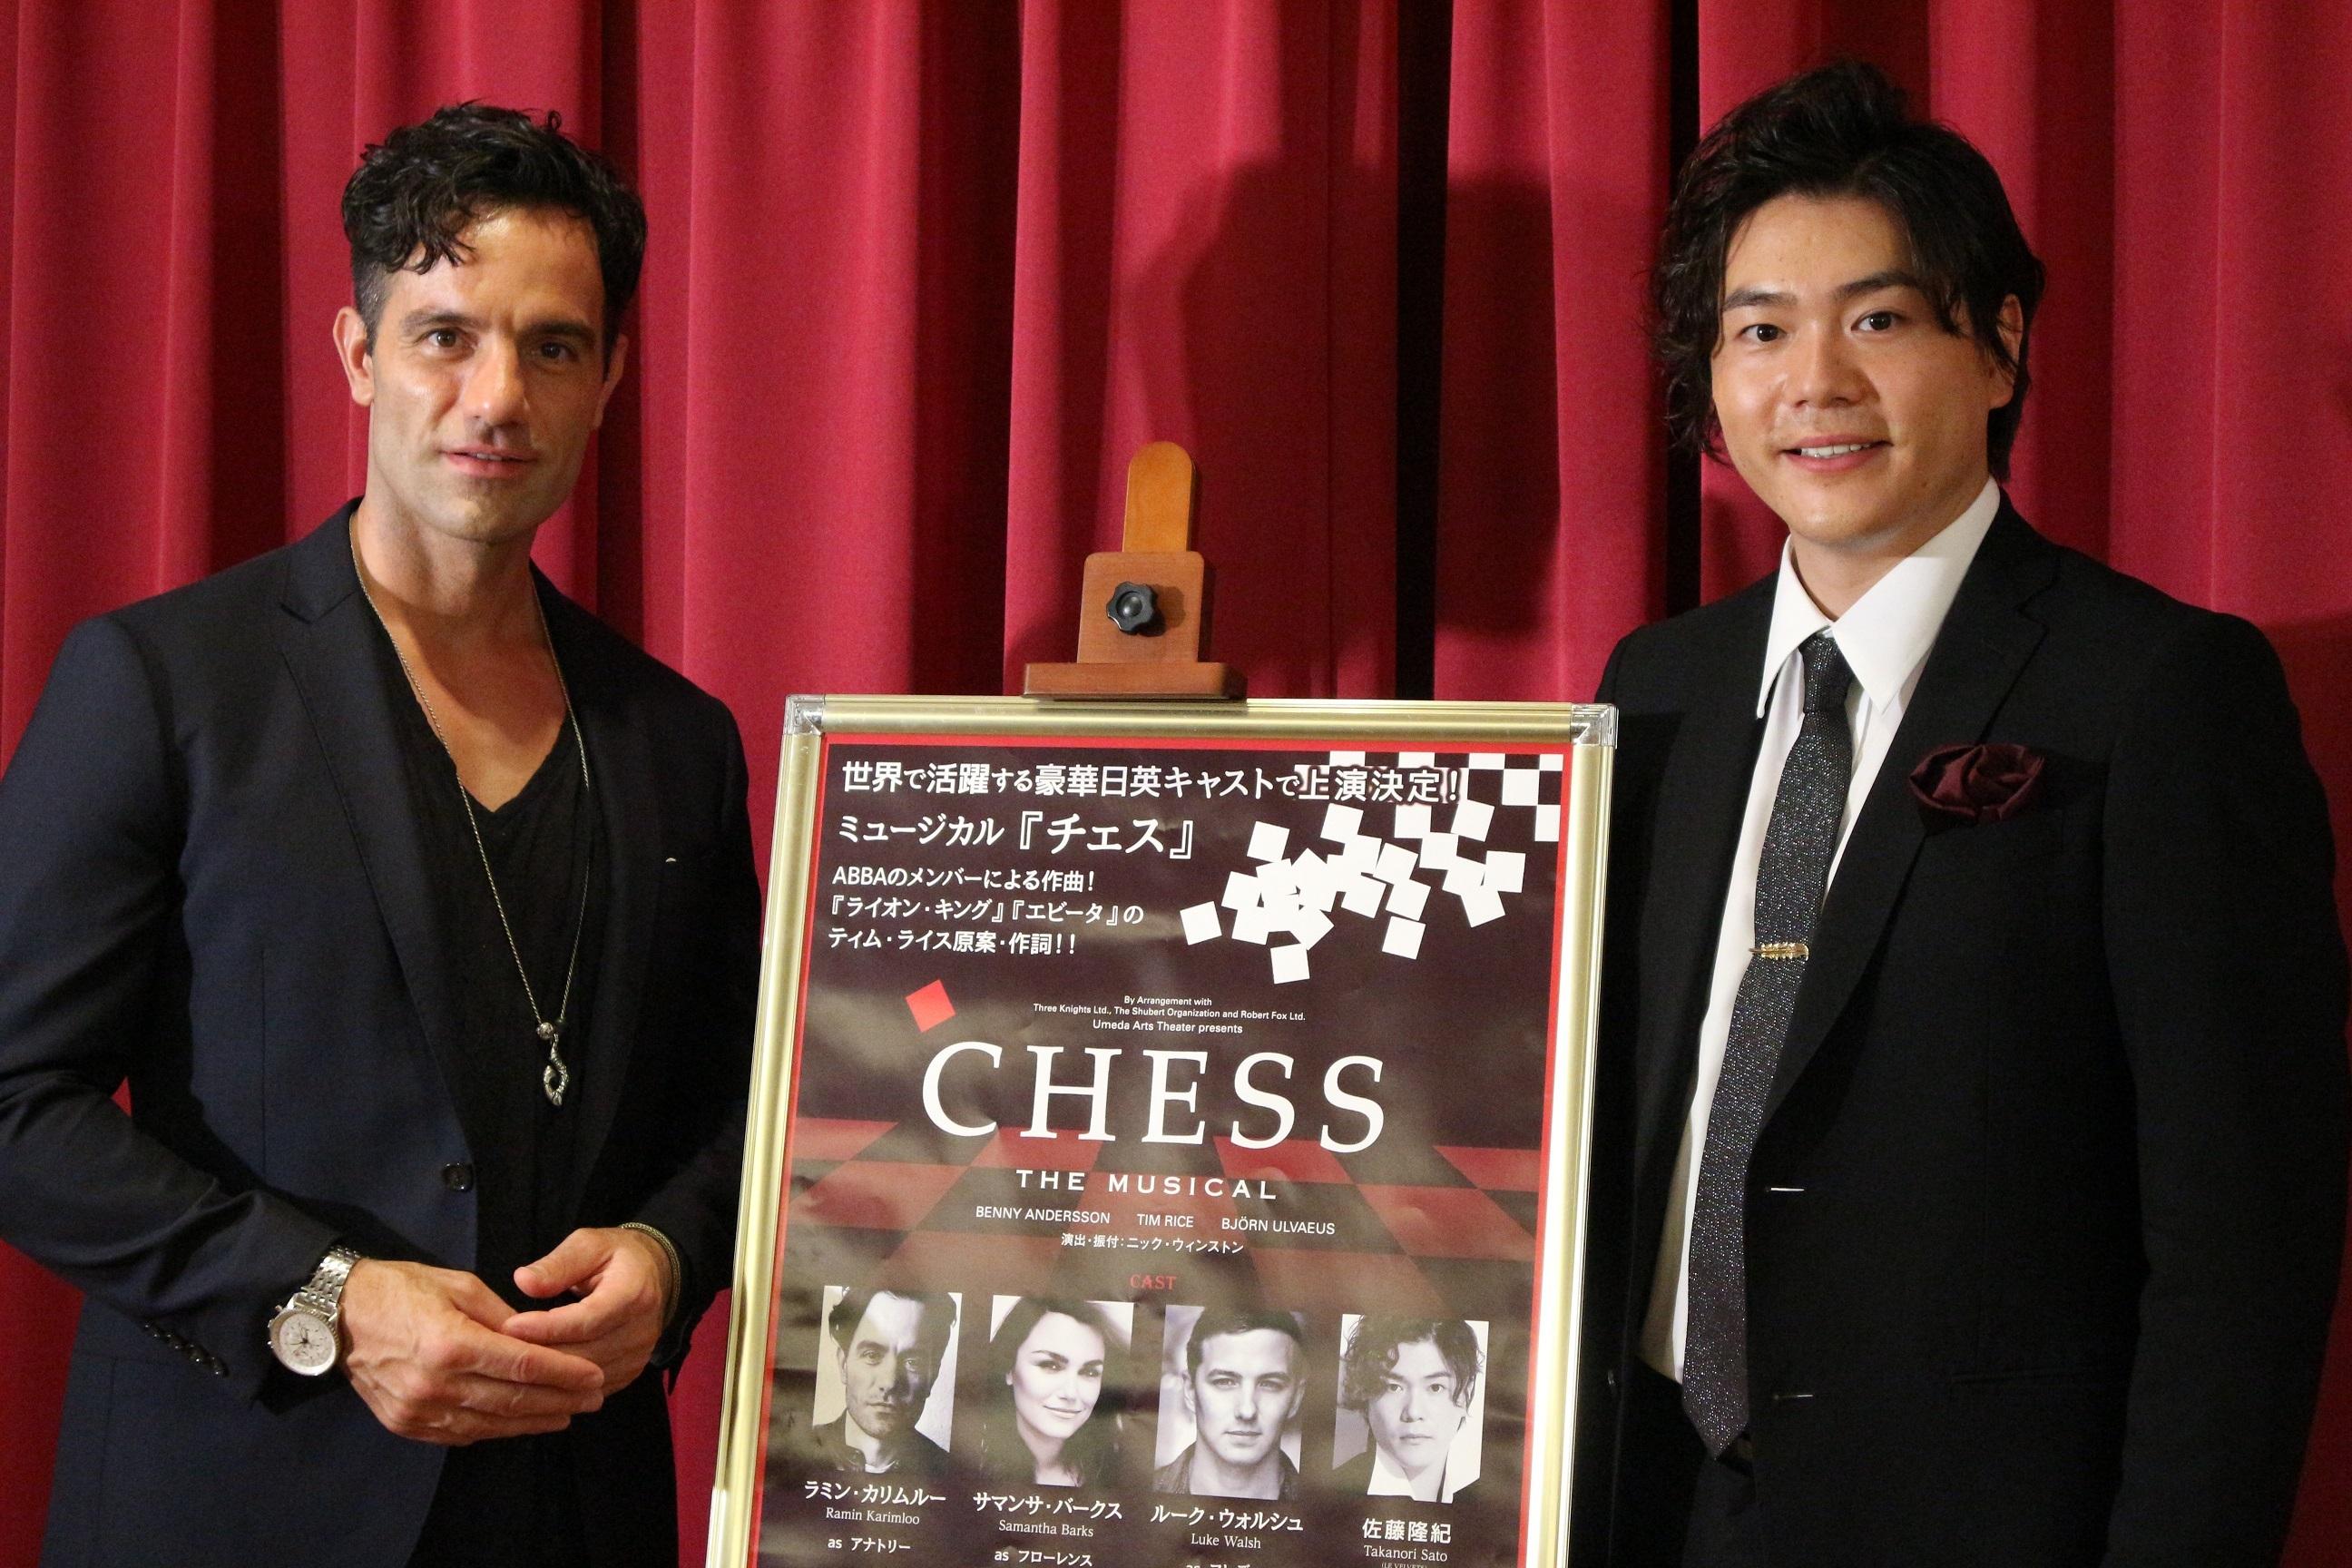 (左から)ラミン・カリムルー、佐藤隆紀